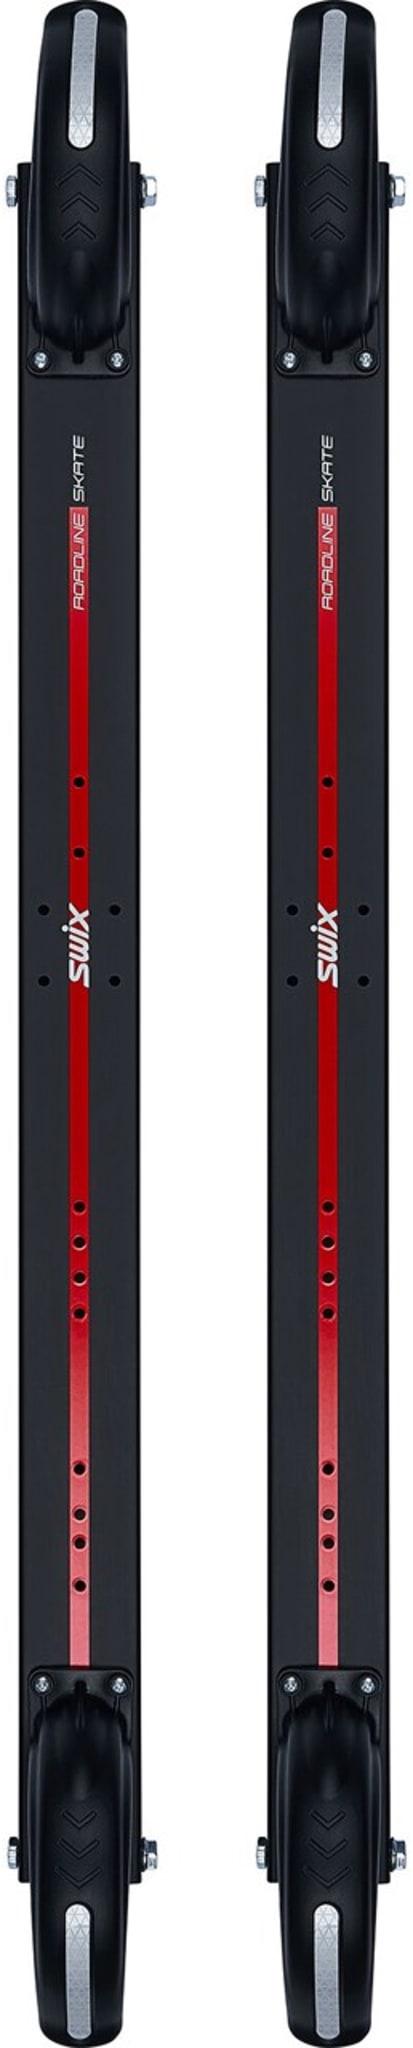 Swix Roadline Skate